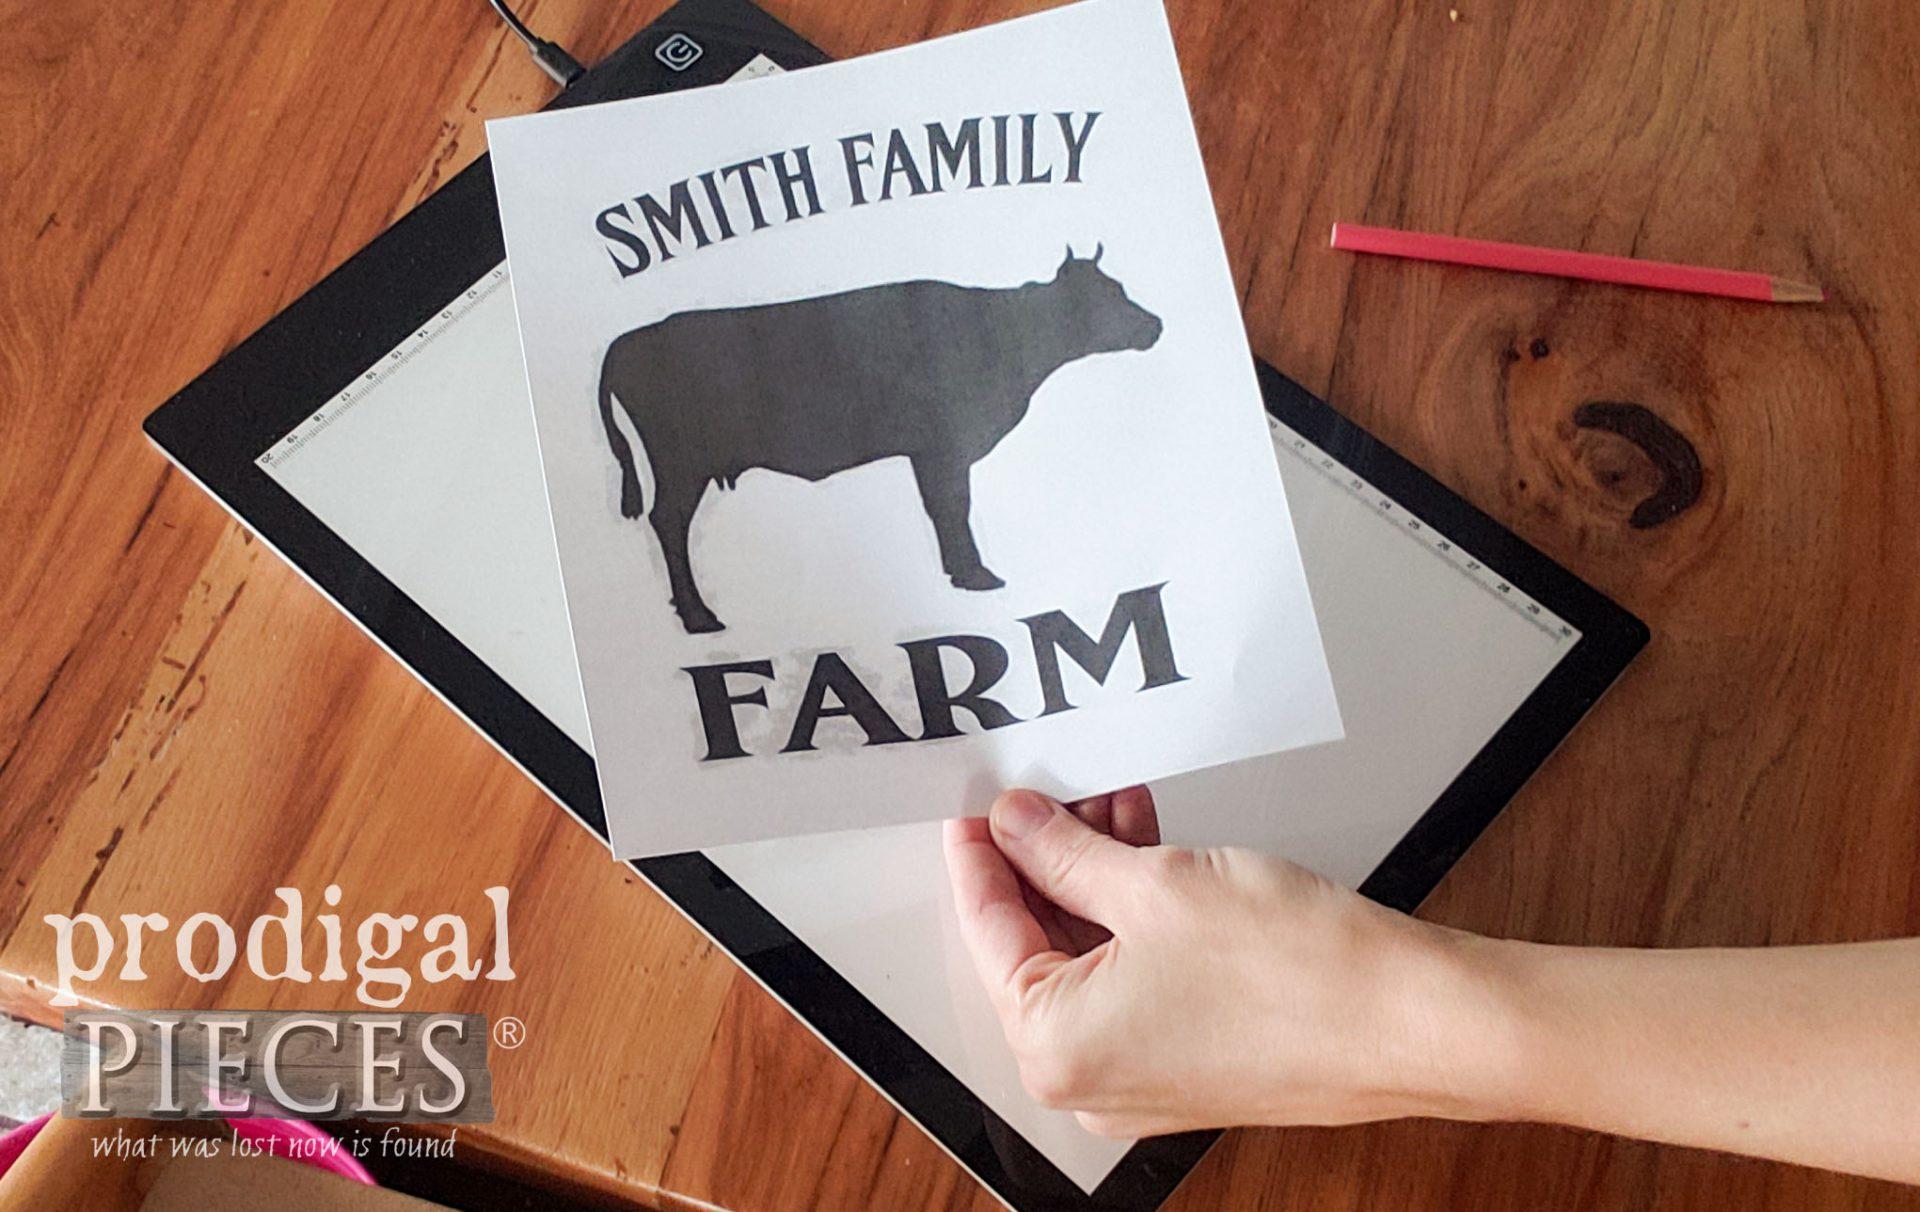 Dairy Farm Graphic Transfer for Farmhouse Trash Can | prodigalpieces.com